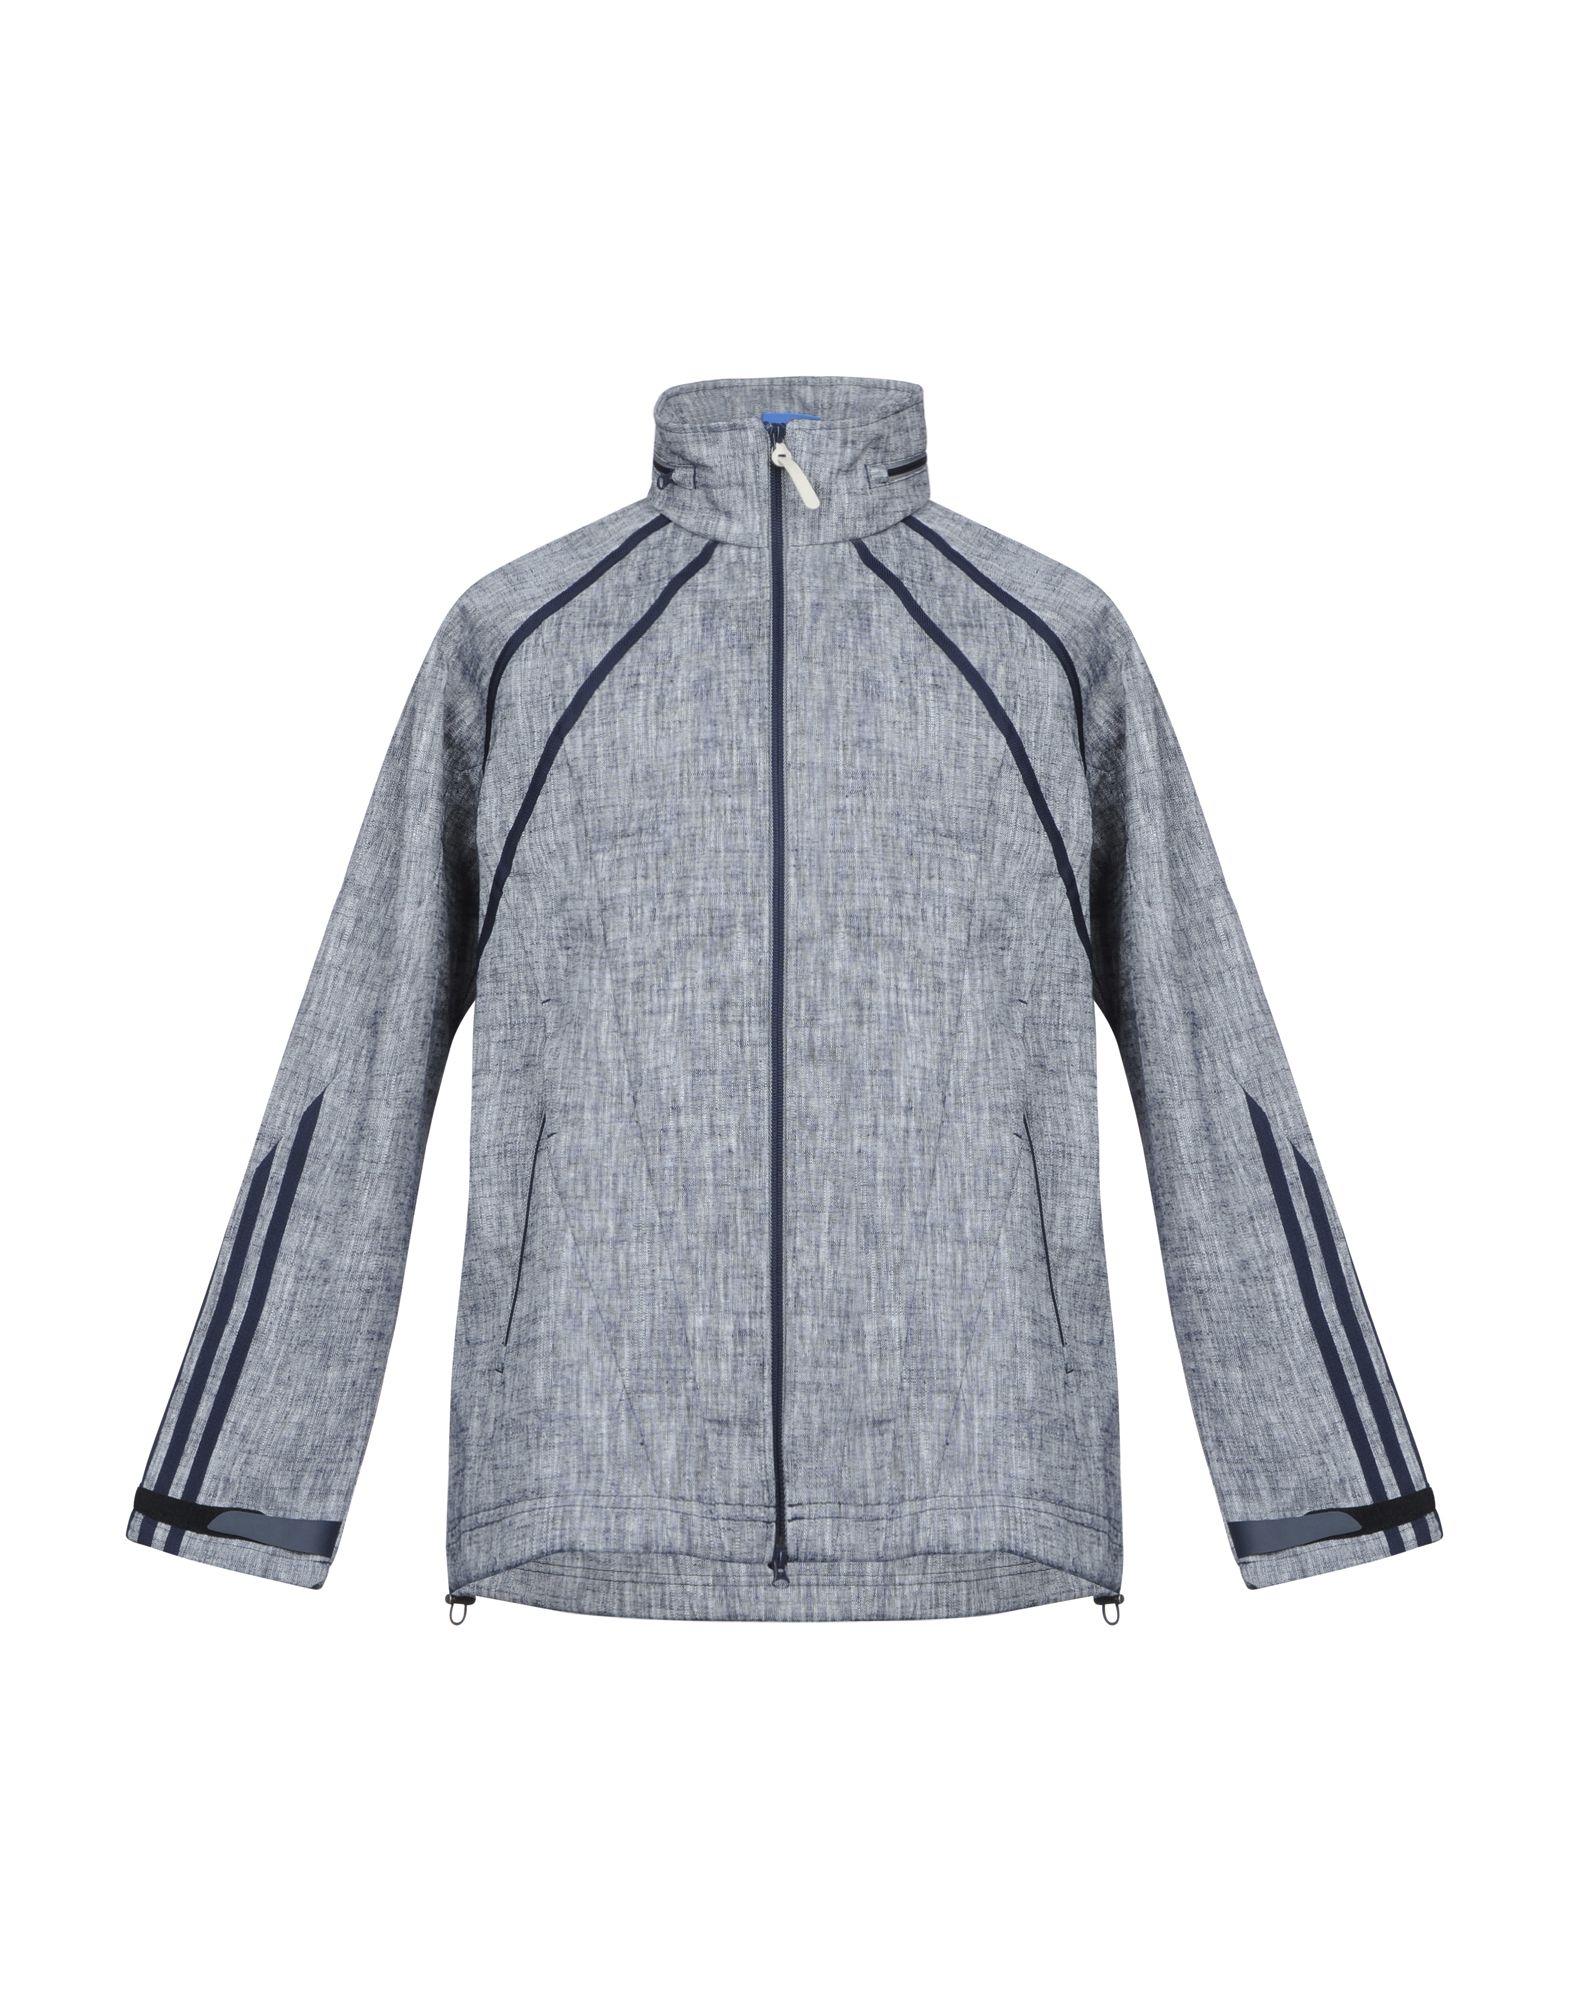 ADIDAS ORIGINALS Куртка одежда для новорожденных adidas